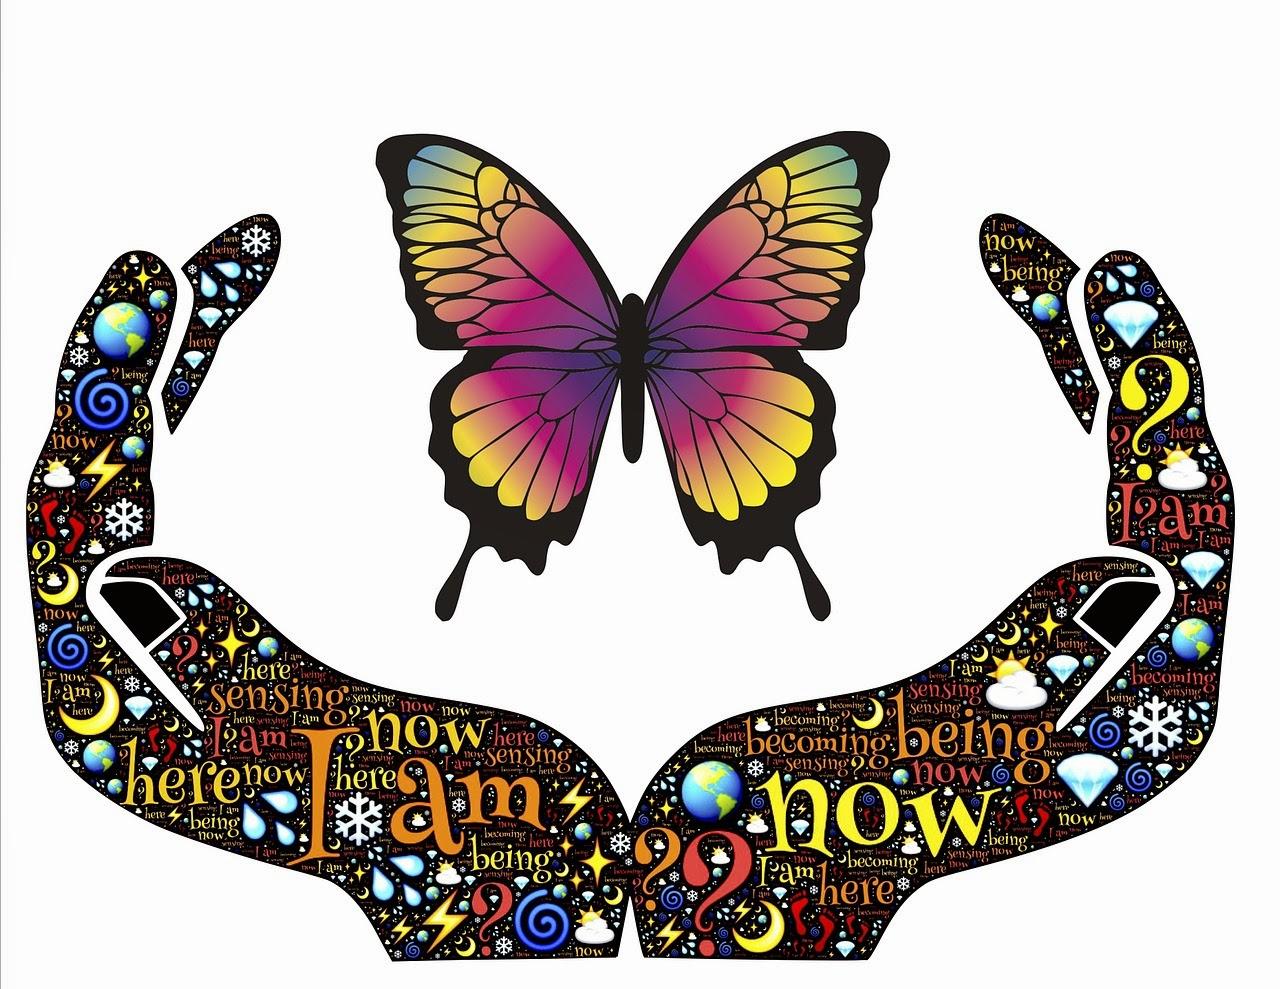 Butterfly in hands soul presence